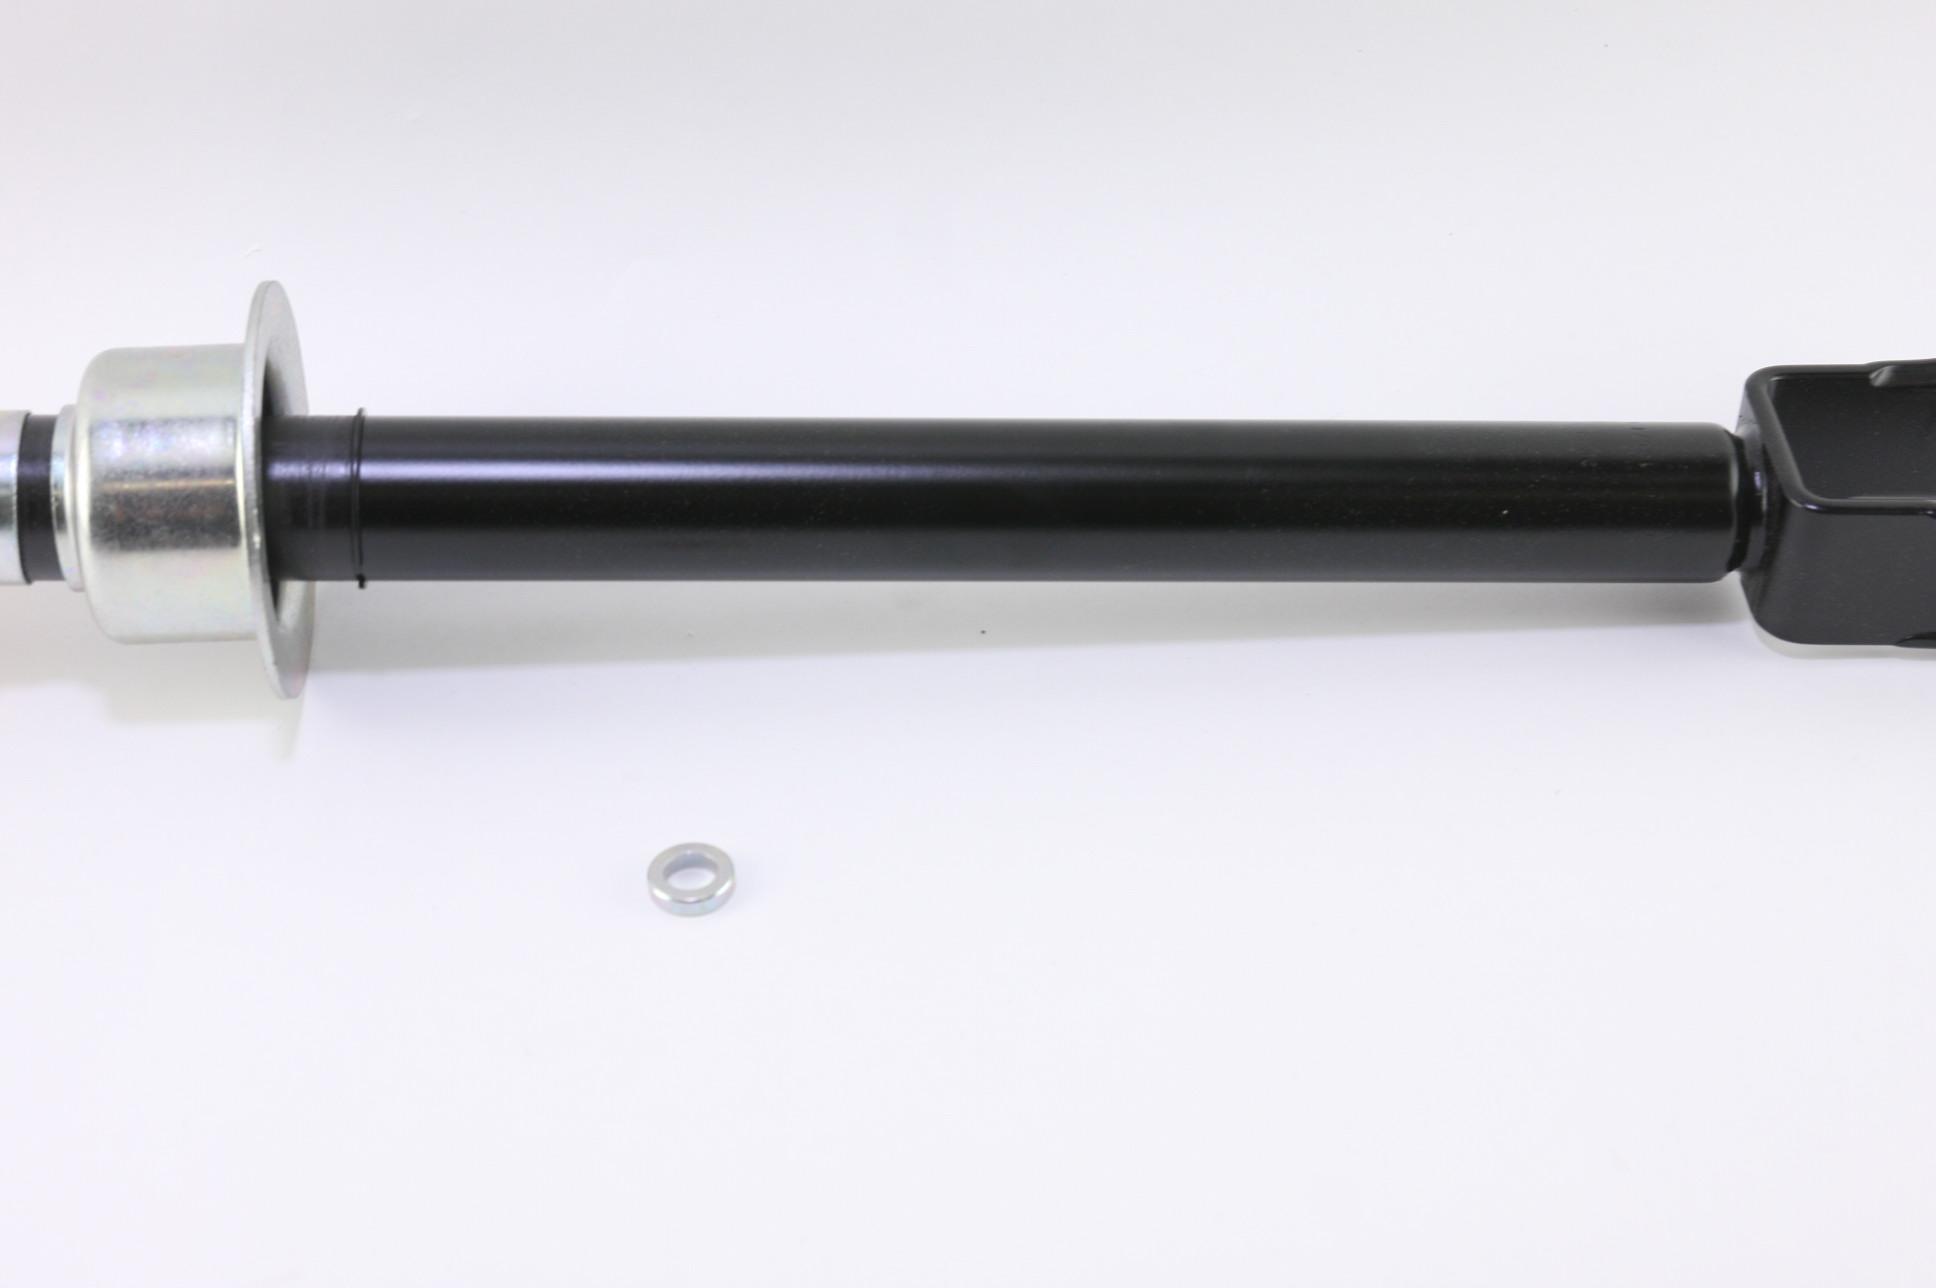 *** New OEM Jaguar XR843728 02-03 S Type 3.0L Front Shock Absorber Left Right - image 4